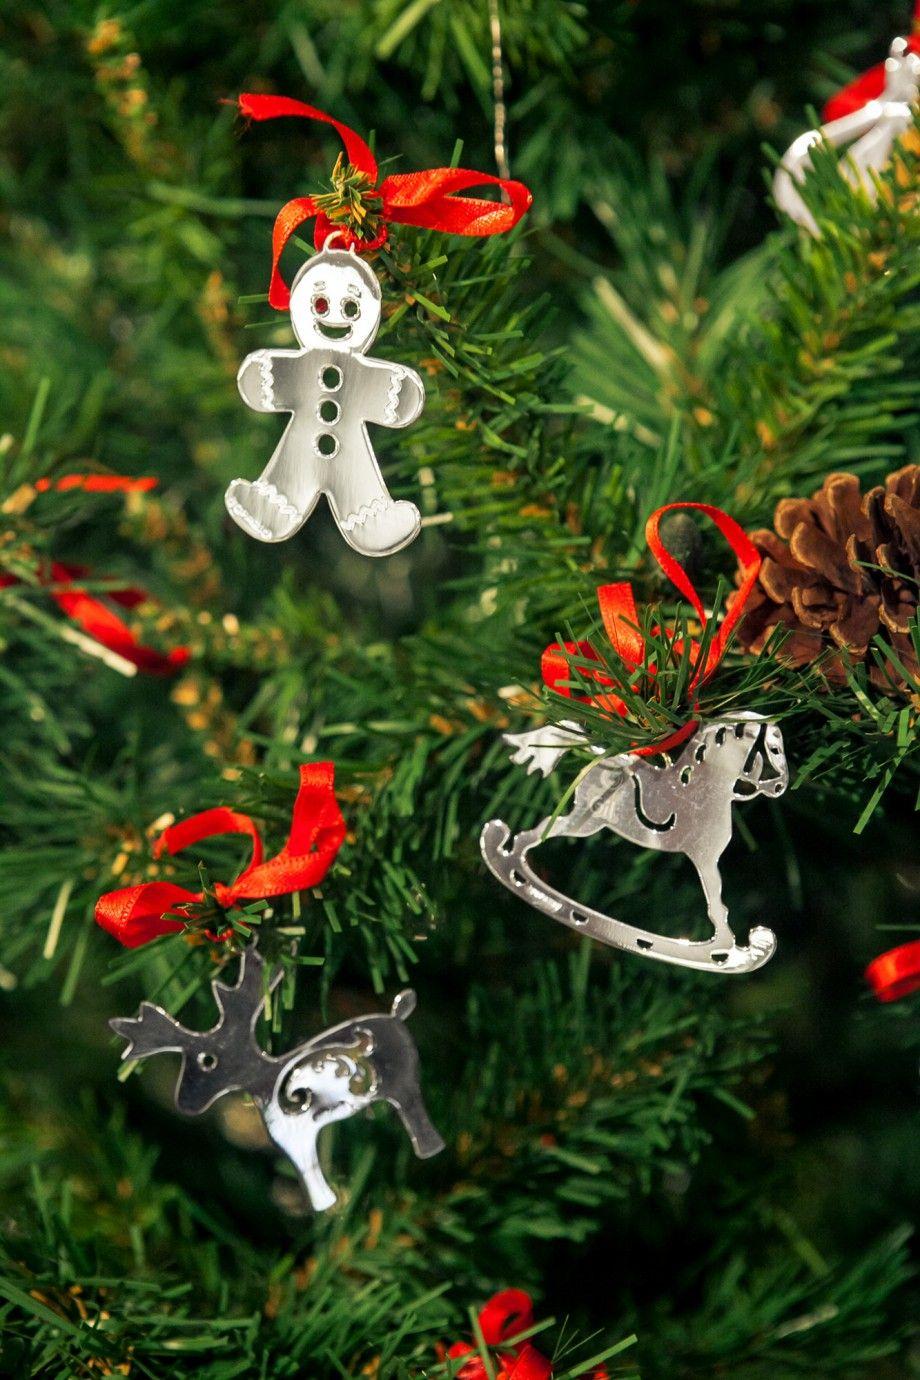 Christmas ornament Gift